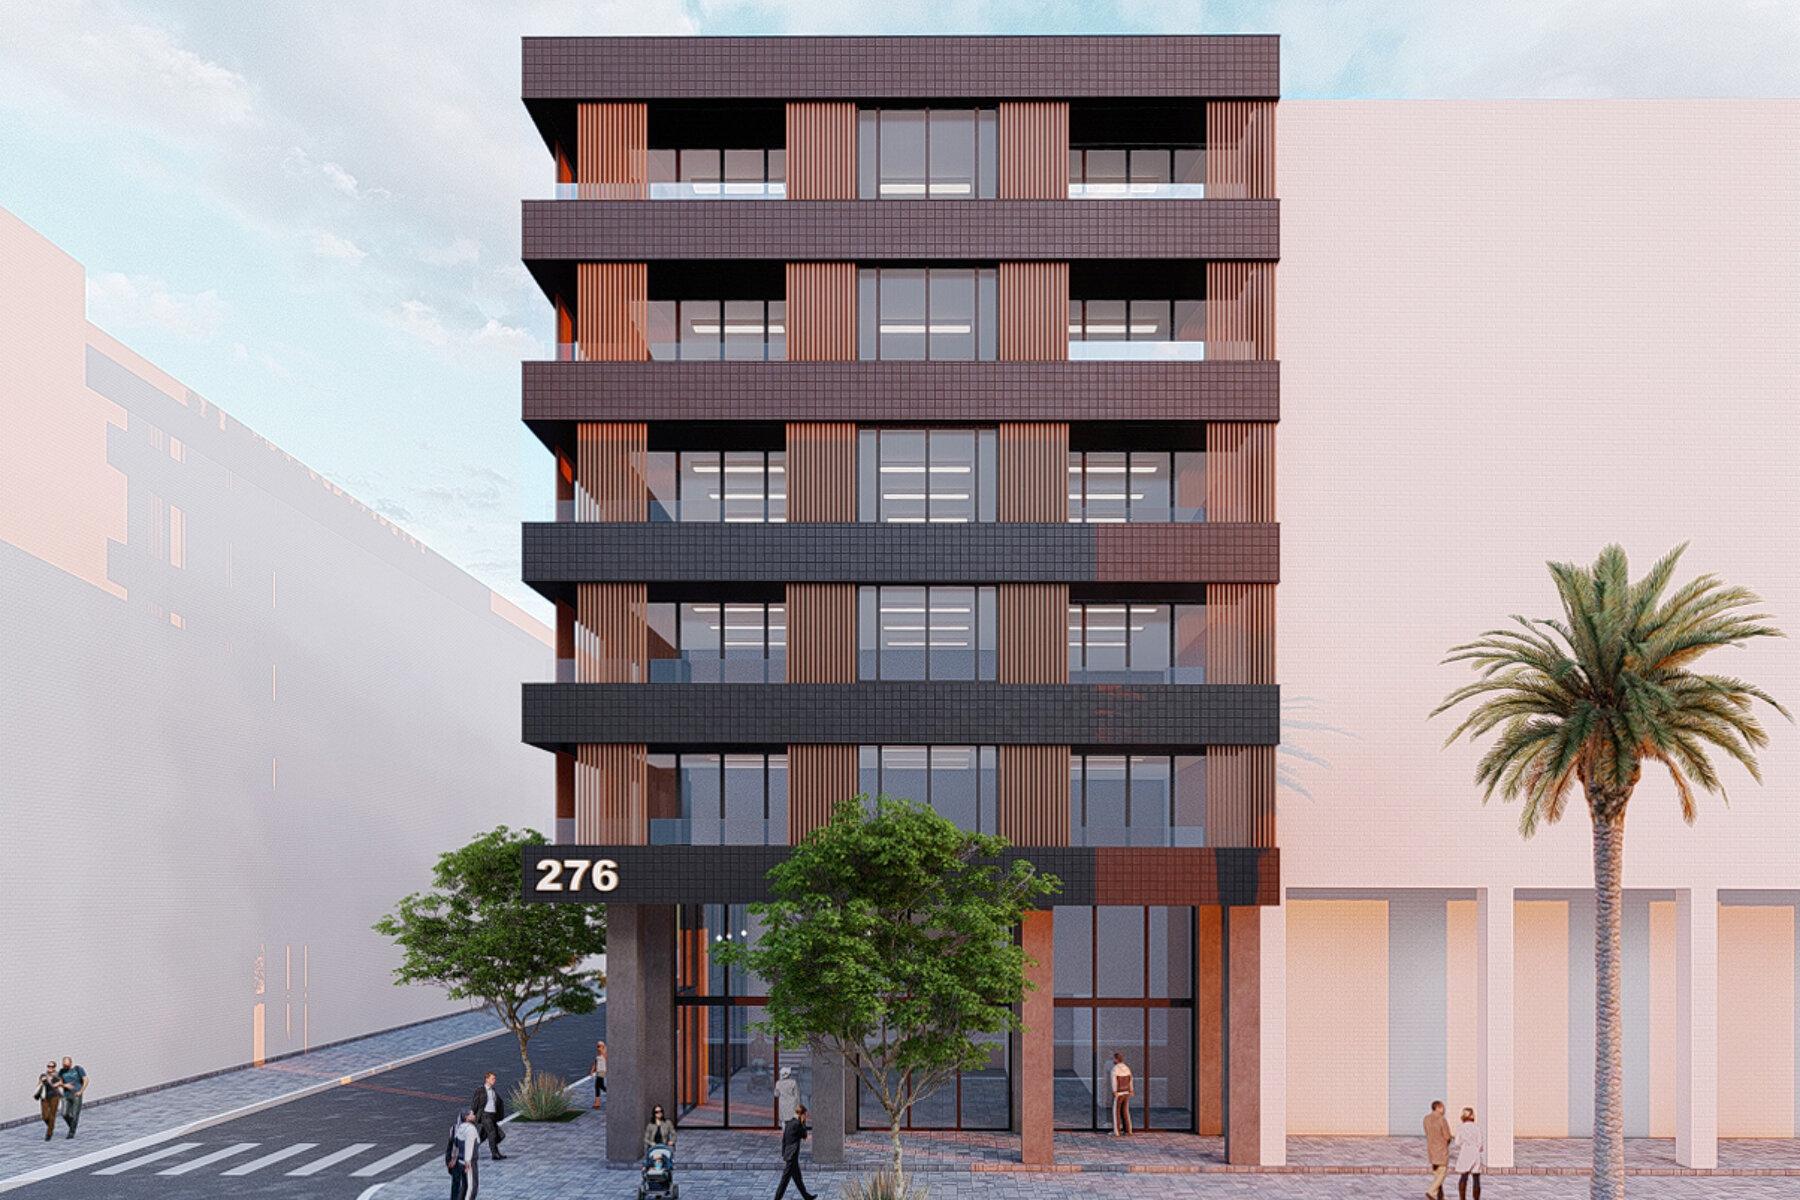 Photo Couverture de Mehdi DAOUDI NEJM ARCHITECTE - Réalisations architecte Archidvisor